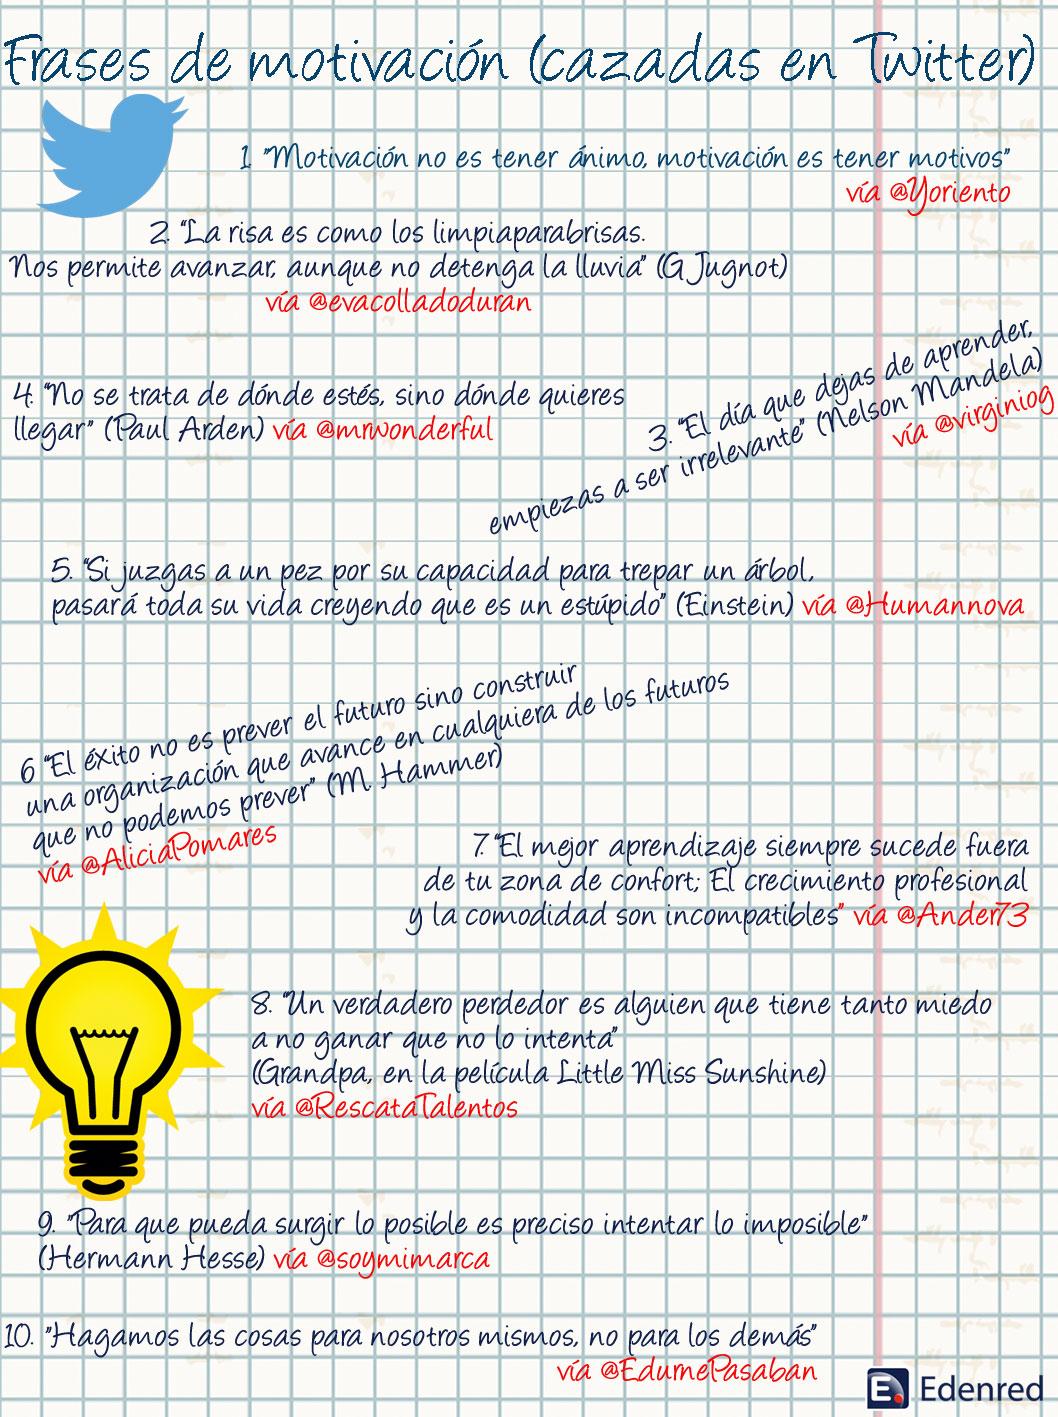 Las Mejores Frases De Motivación Cazadas En Twitter El